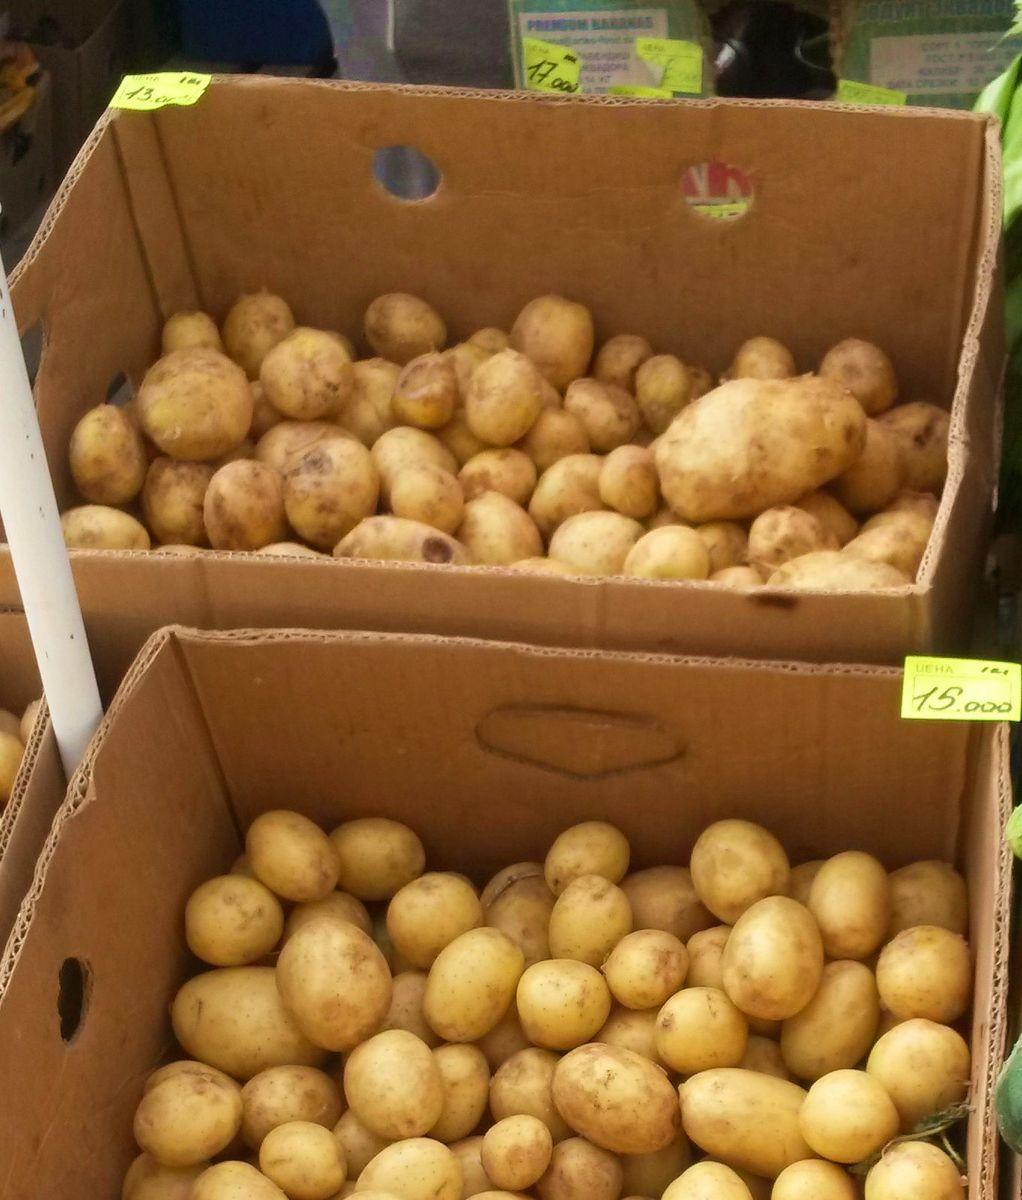 Белорусская картошка (снизу) привлекательнее, но дороже украинской.